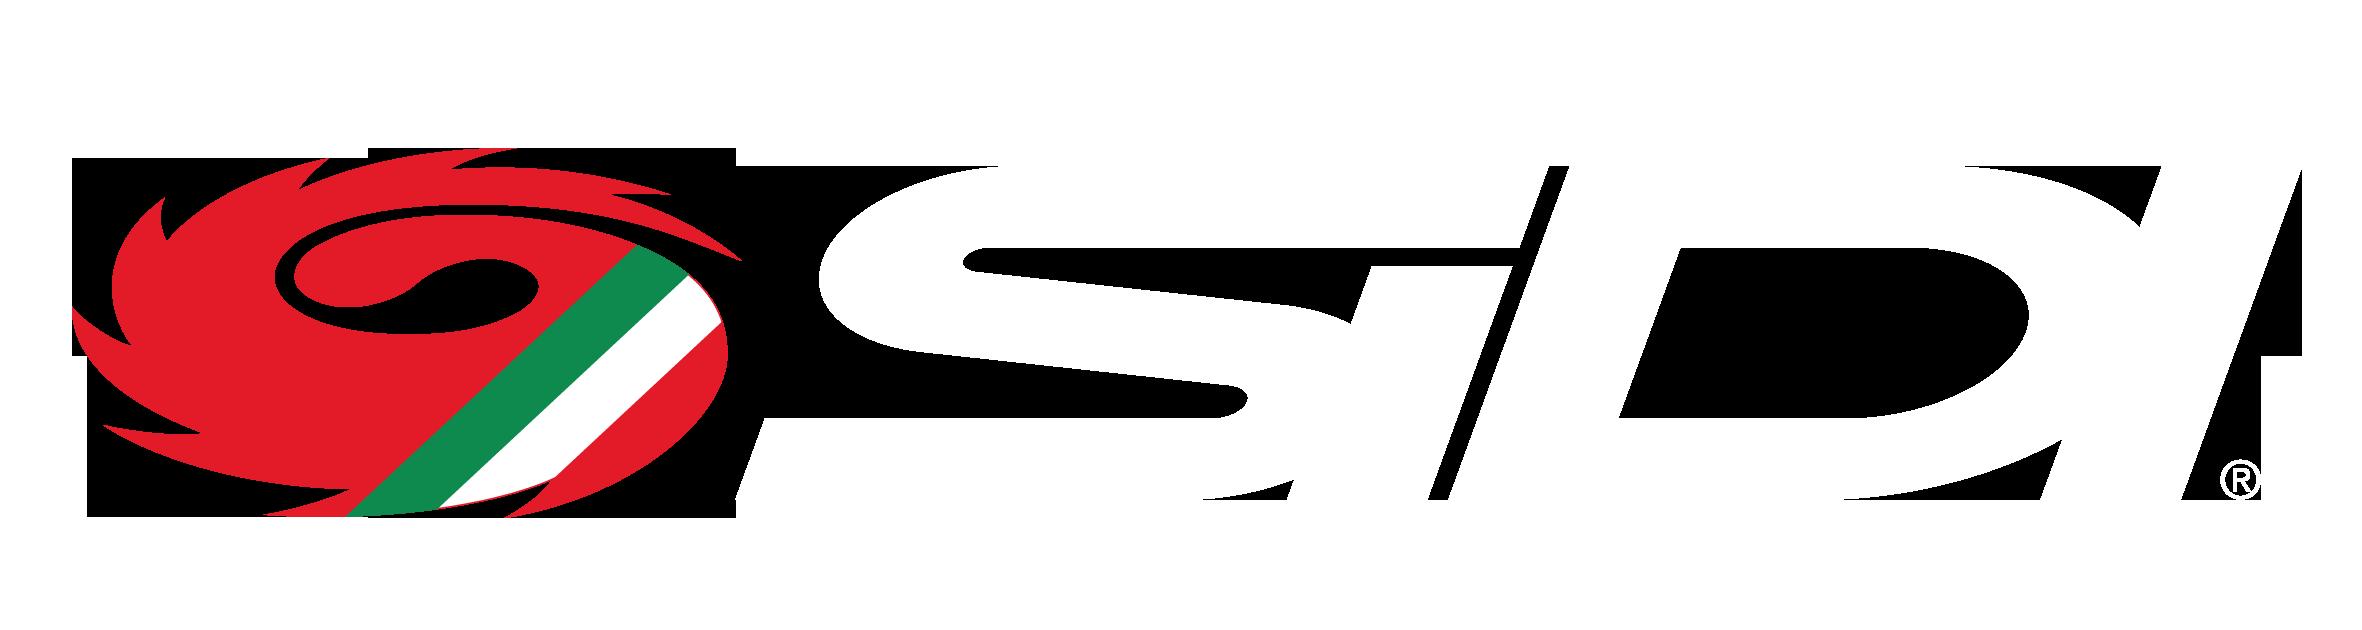 spidi